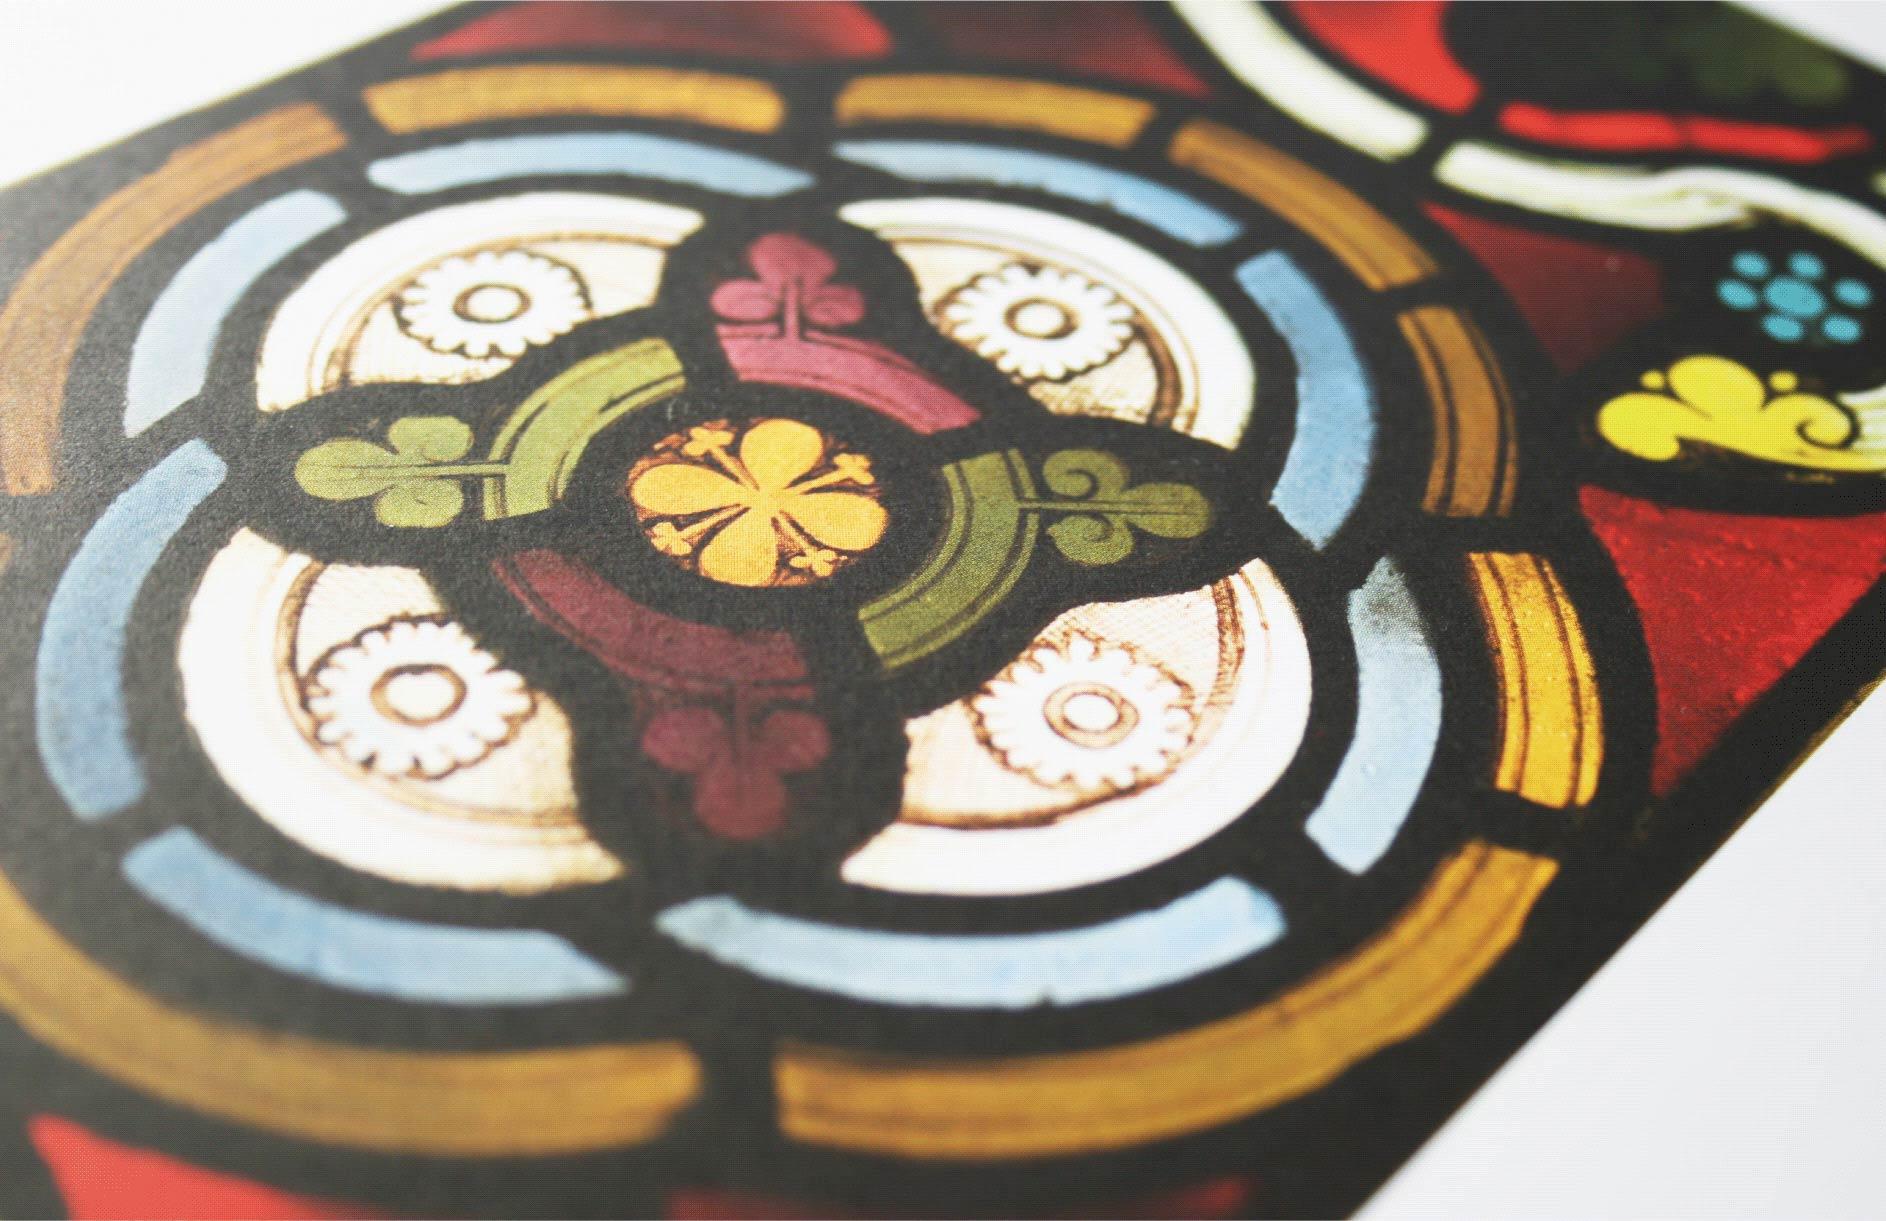 St Johns School / Old Chapel appeal brochure